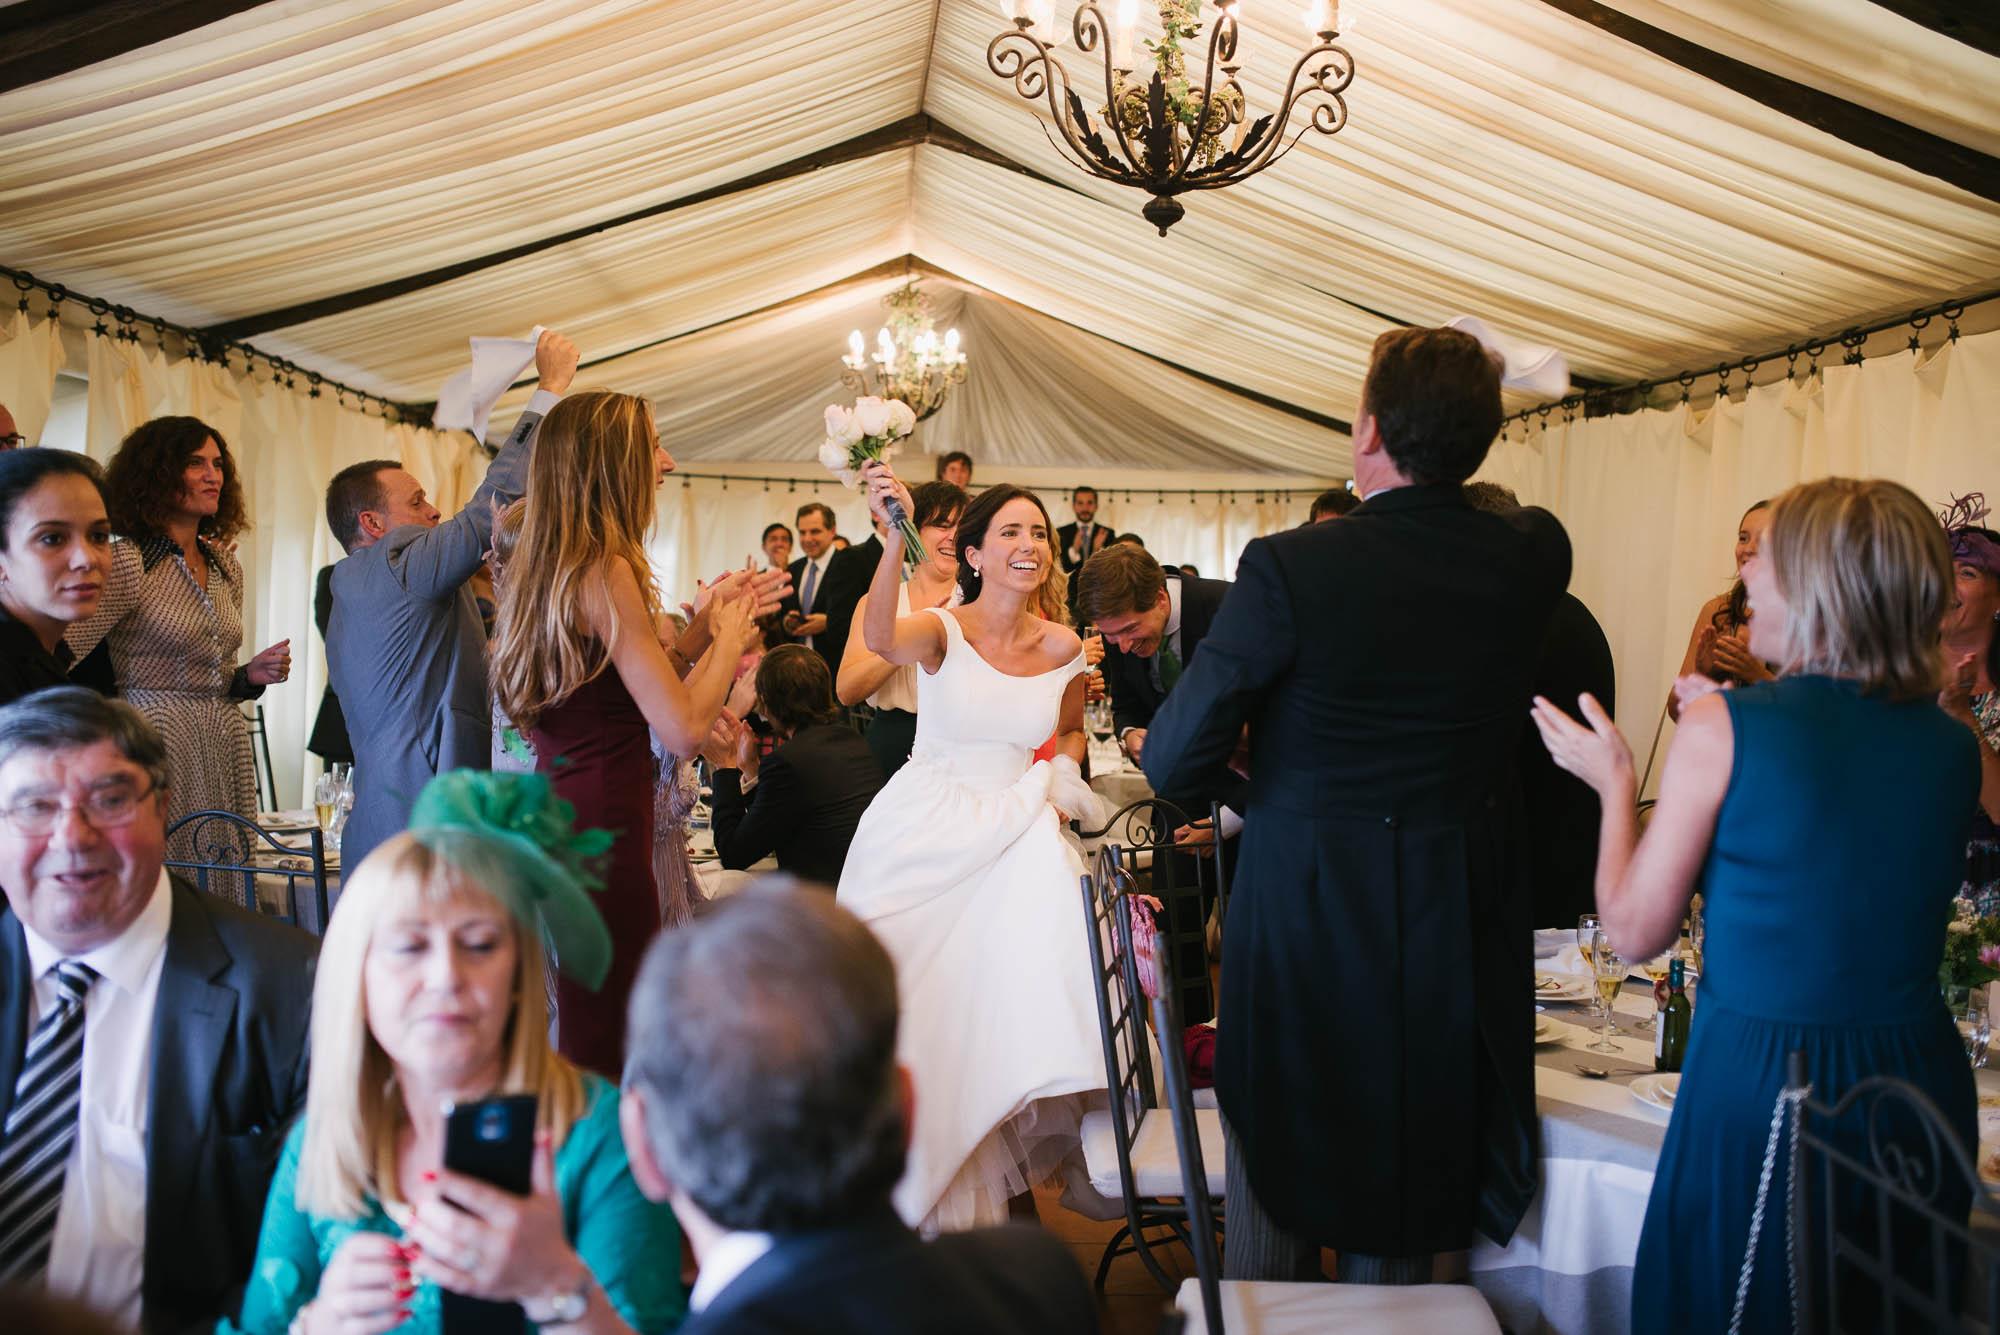 La novia entra en la sala elevando el ramo